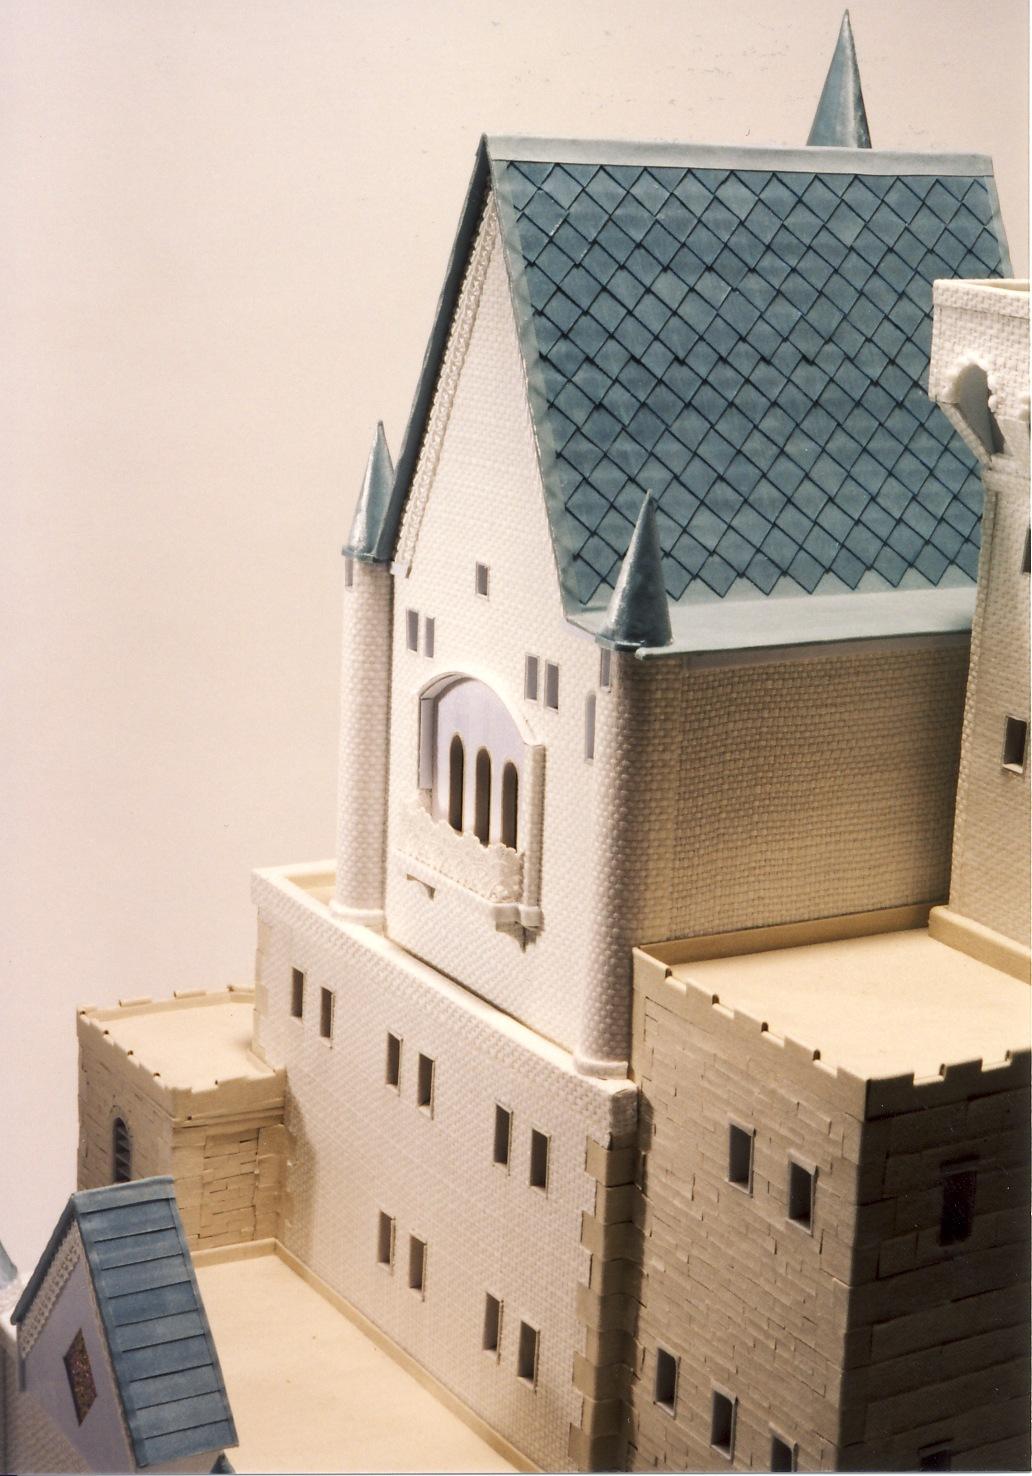 1996-布のお城-02.jpg